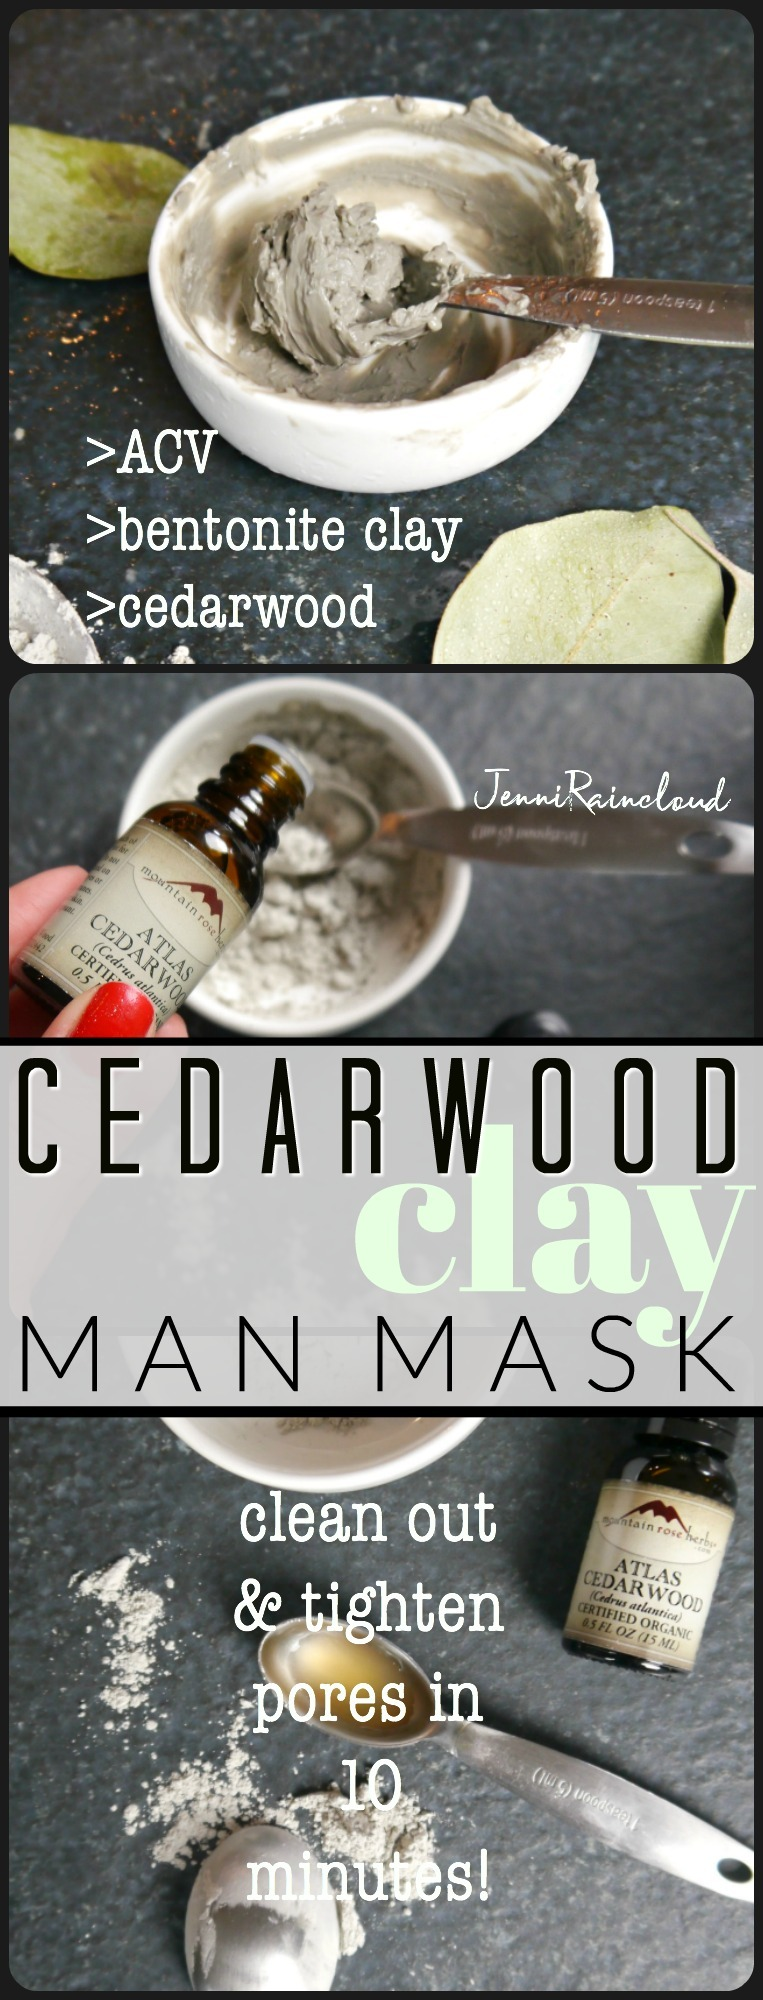 DIY Cedarwood Clay Mask